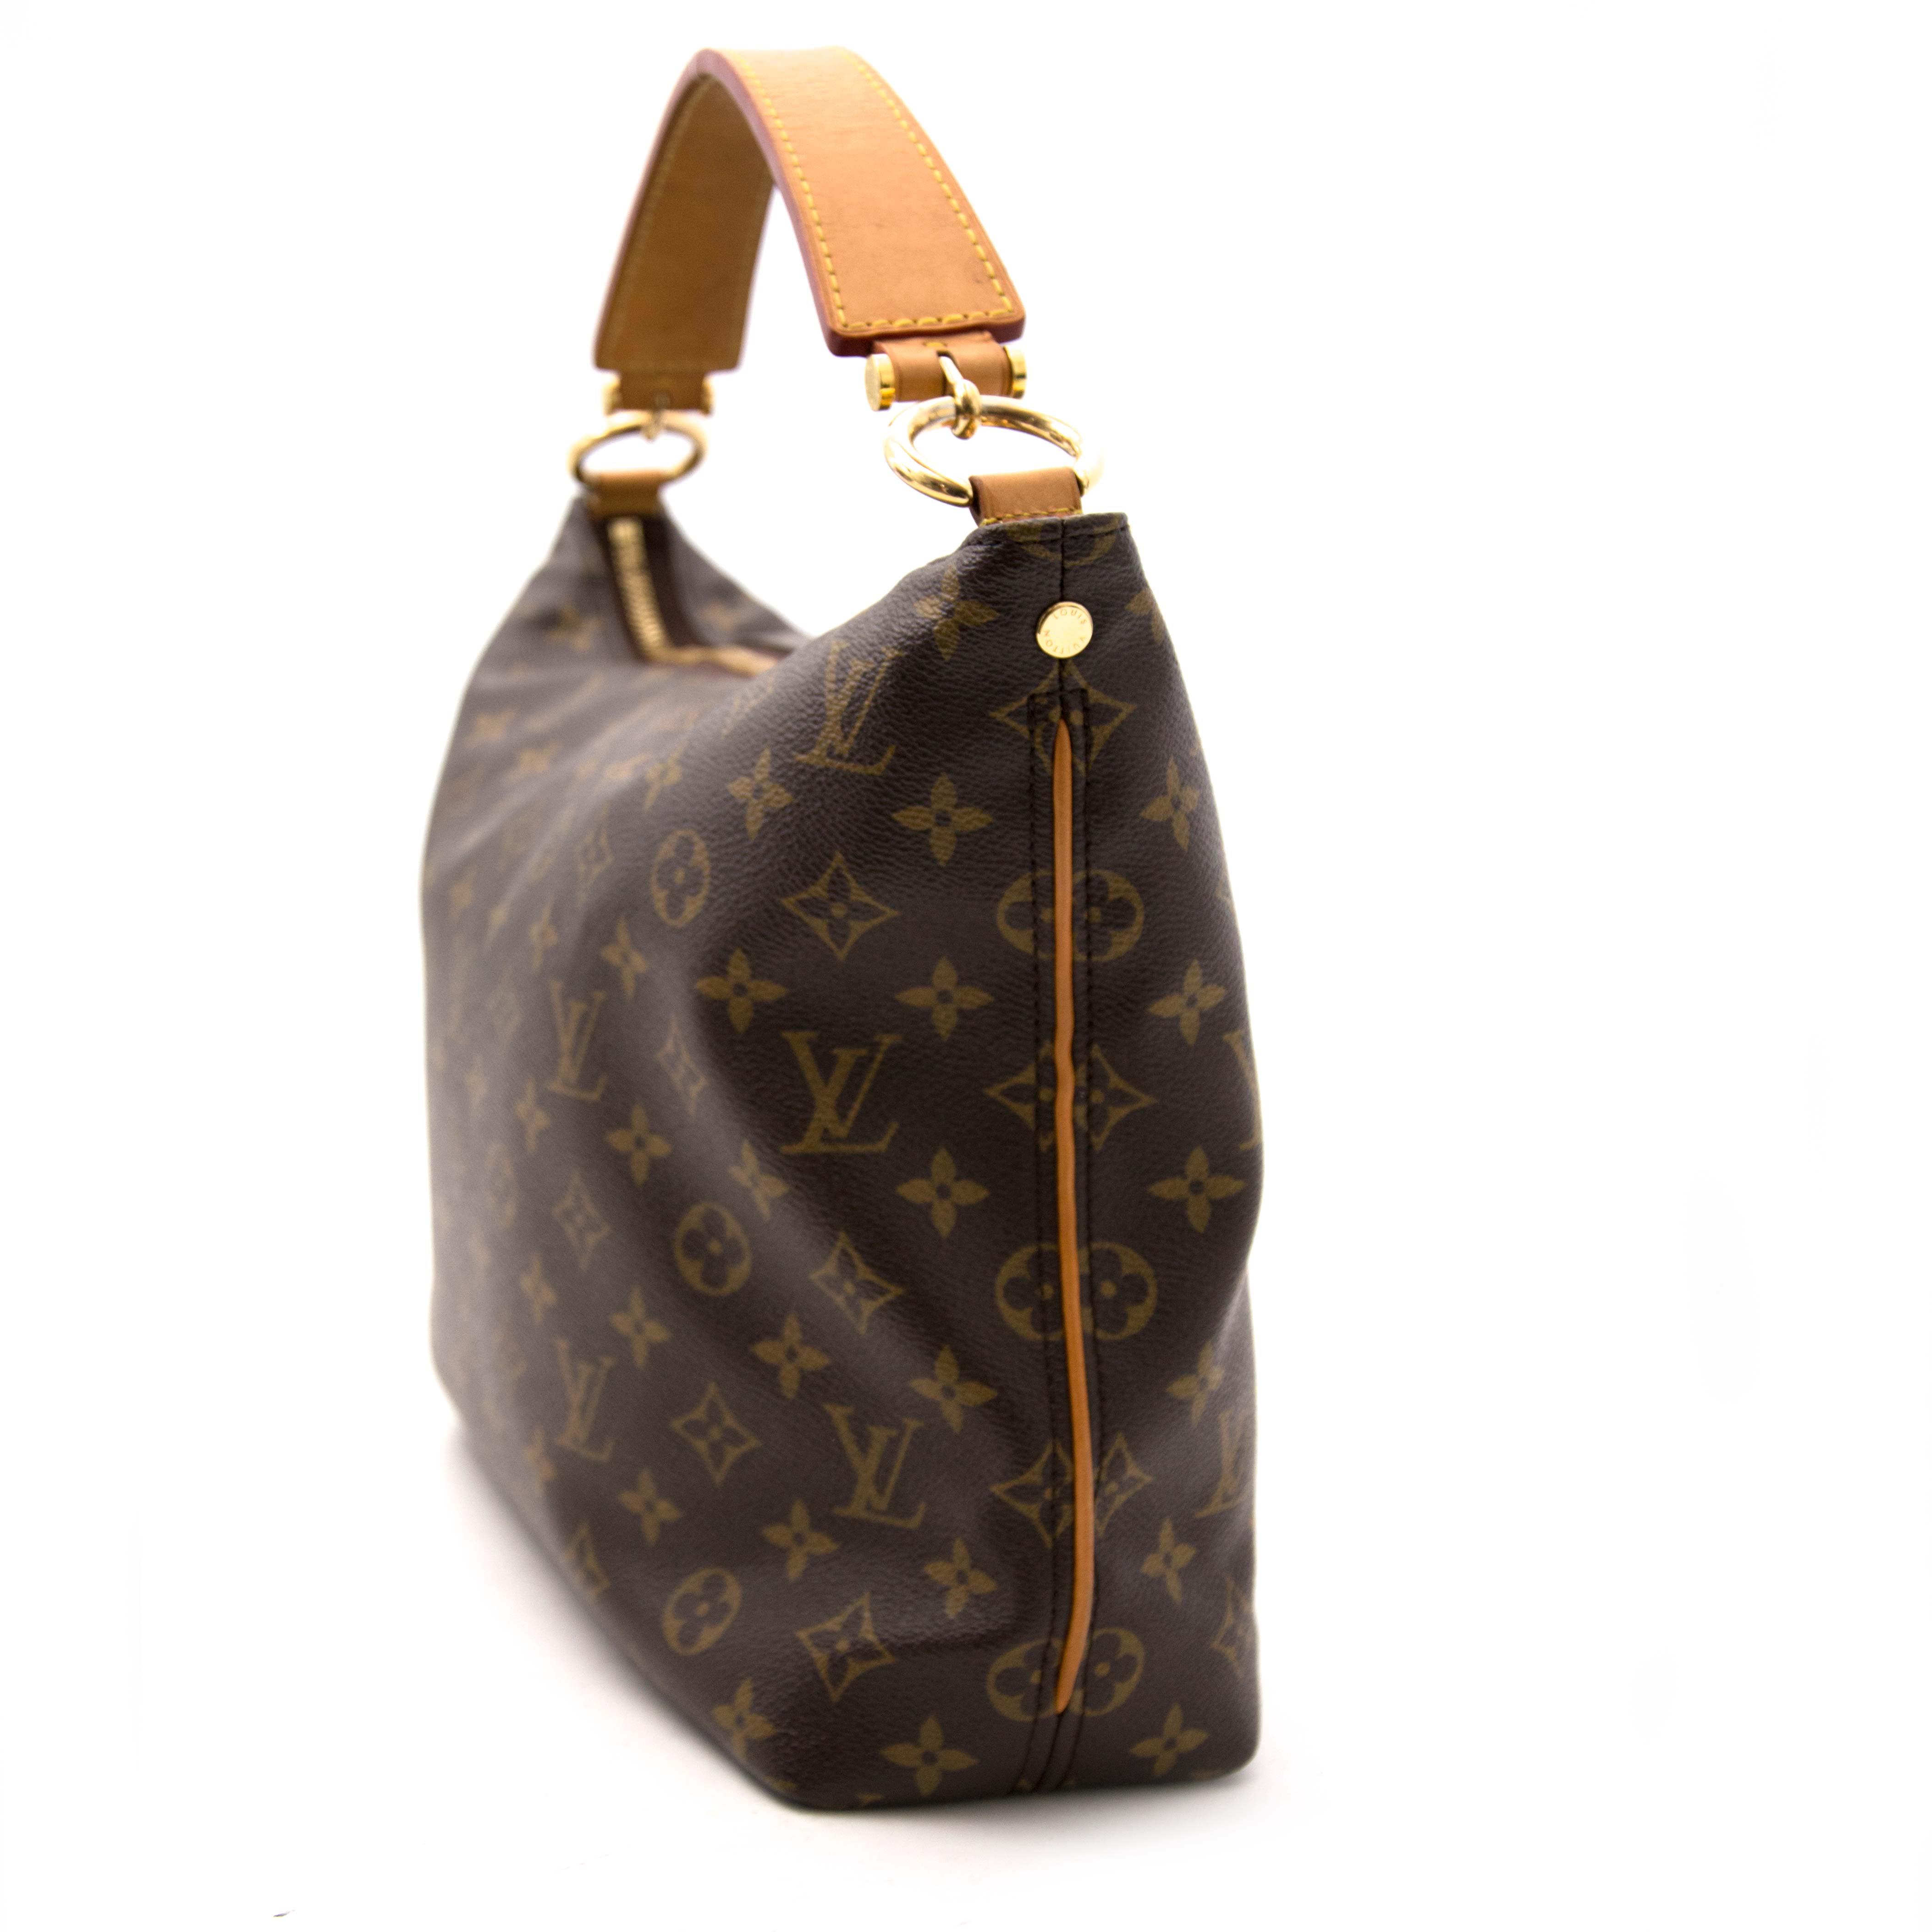 073e9a75d76c1 Labellov Buy safe Delvaux designer vintage online. Vind tweedehands ...